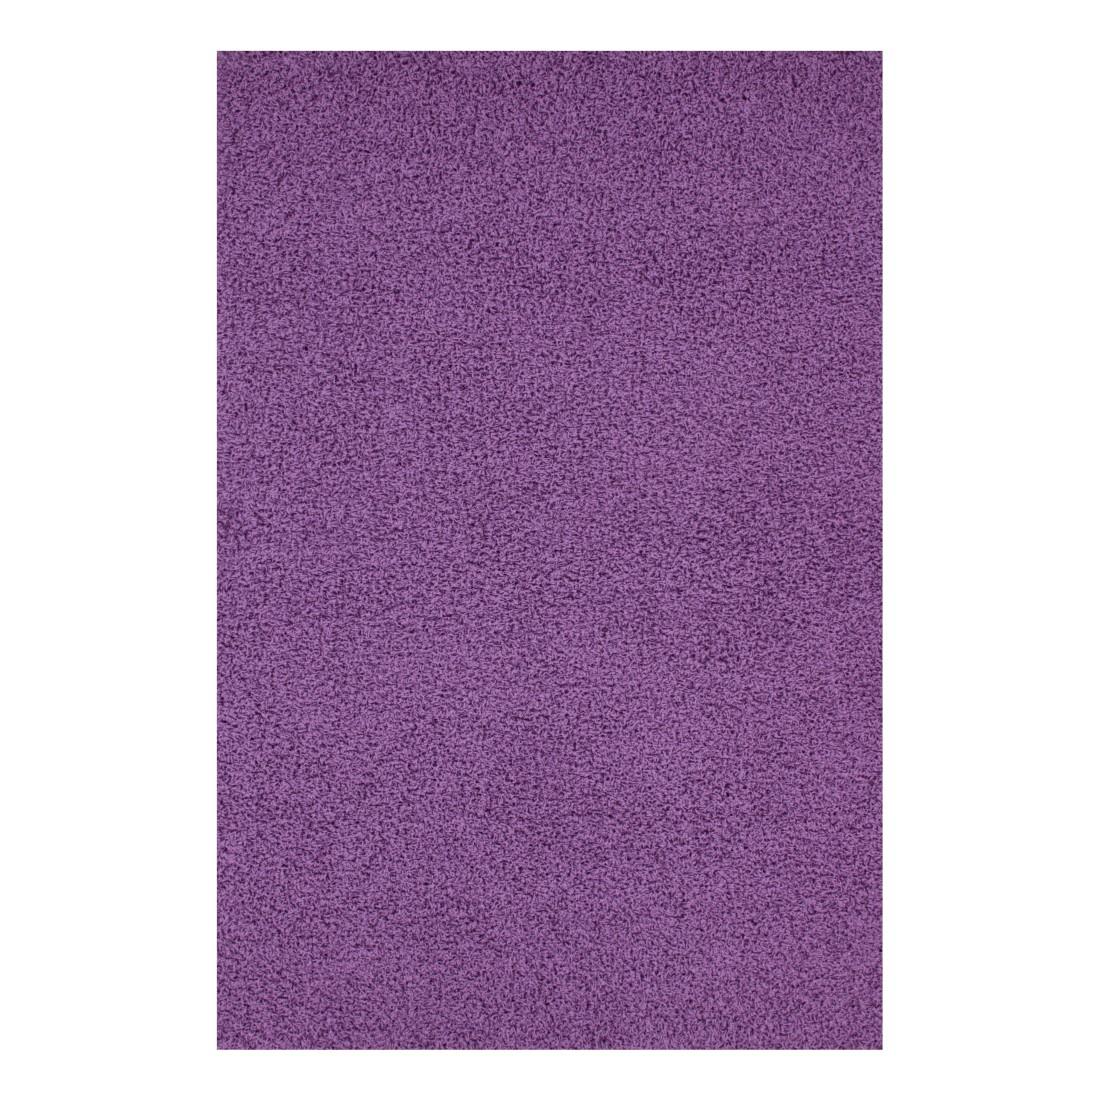 Teppich Oslo – Violett – 80 x 150 cm, Kayoom günstig online kaufen